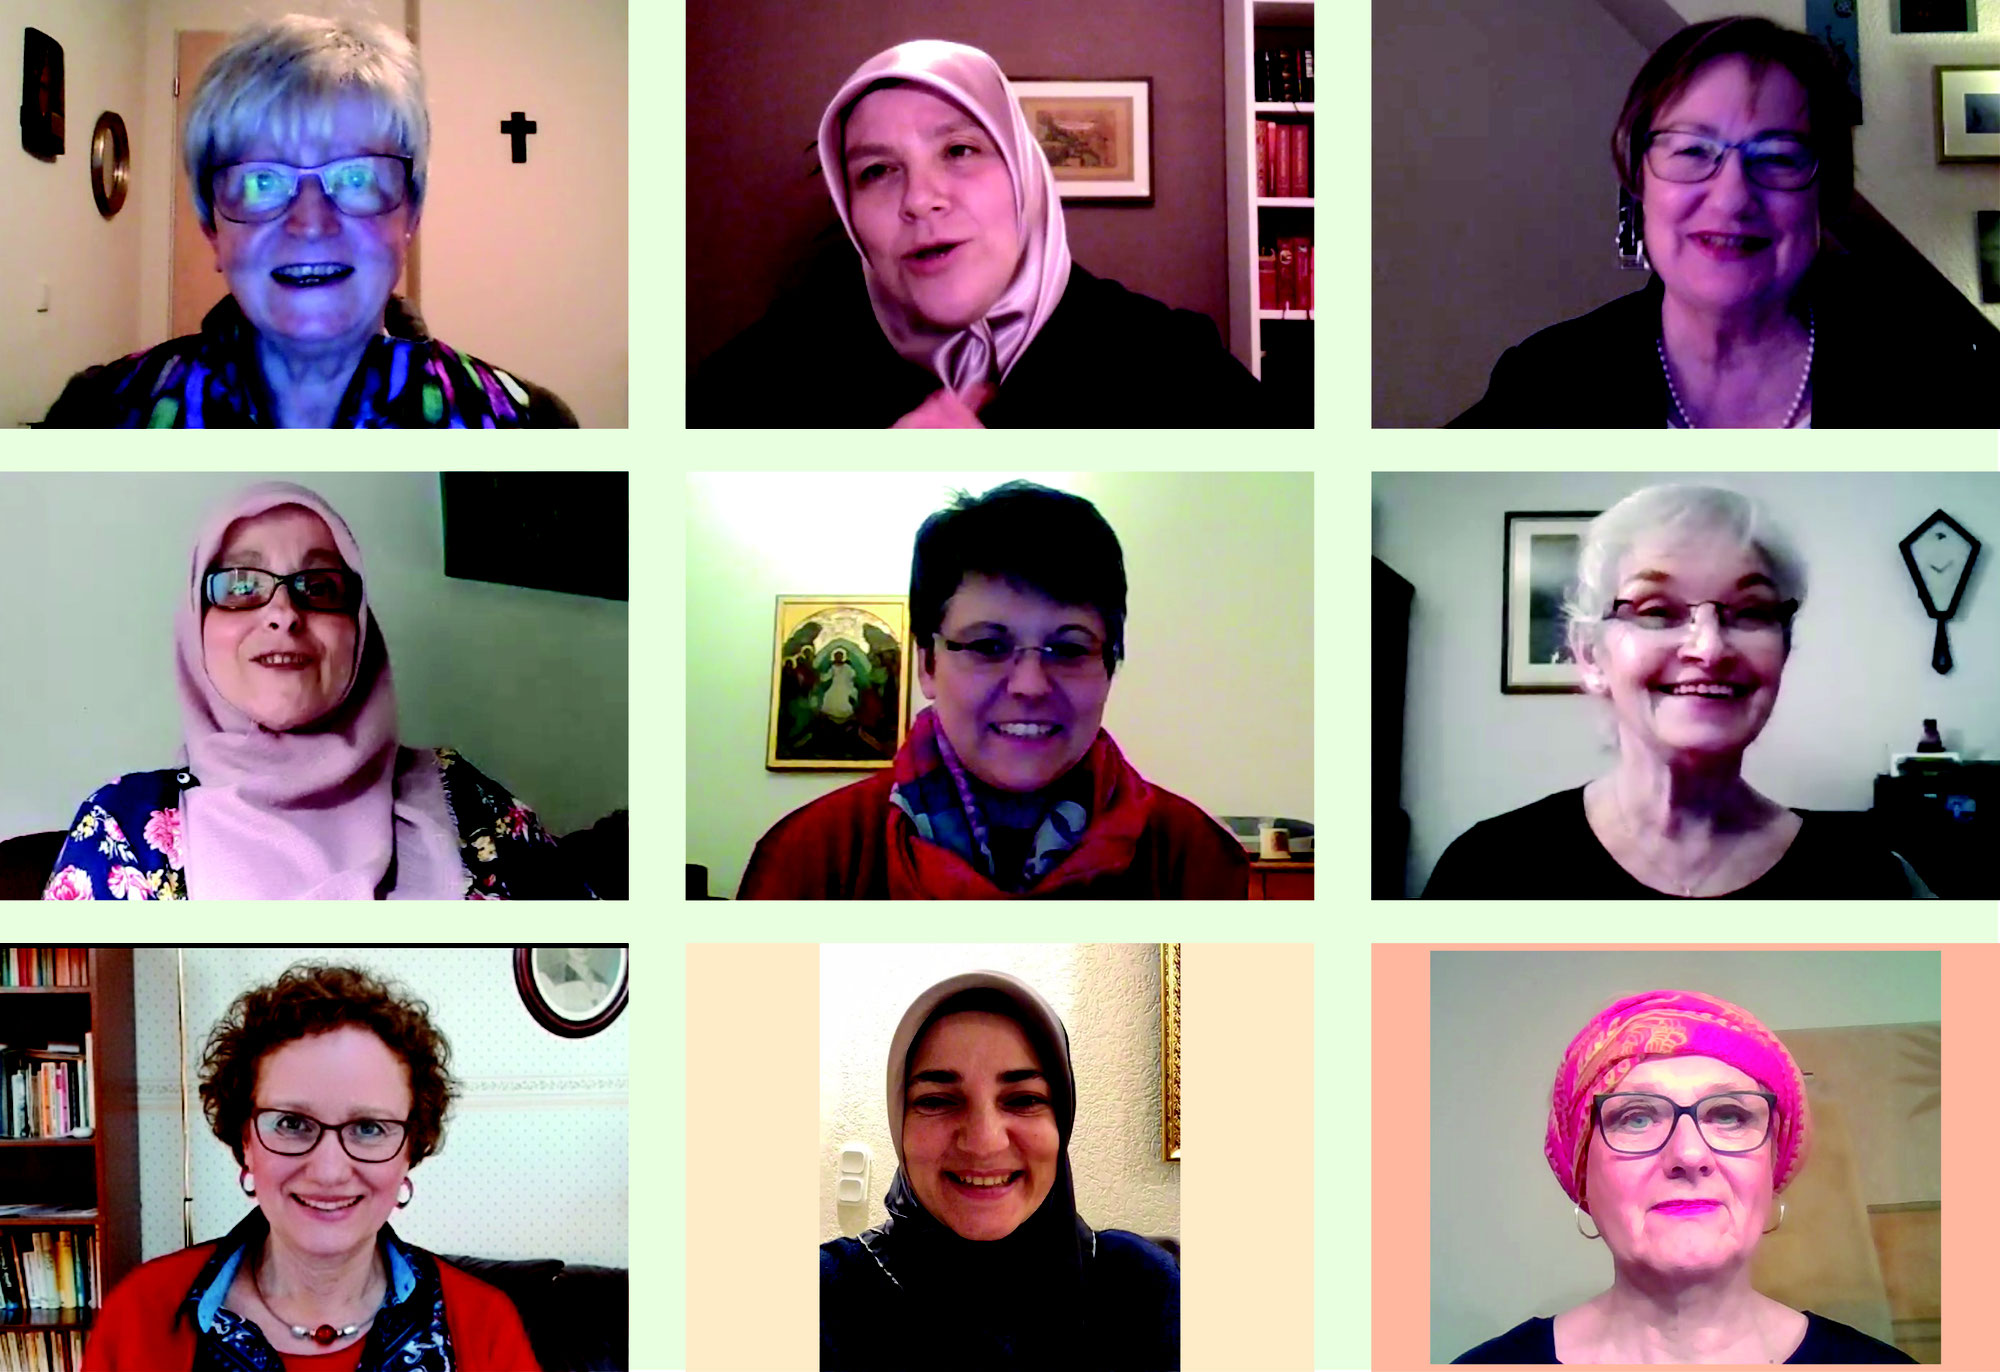 Frauen aller Länder machen sich im Netz gegenseitig Mut